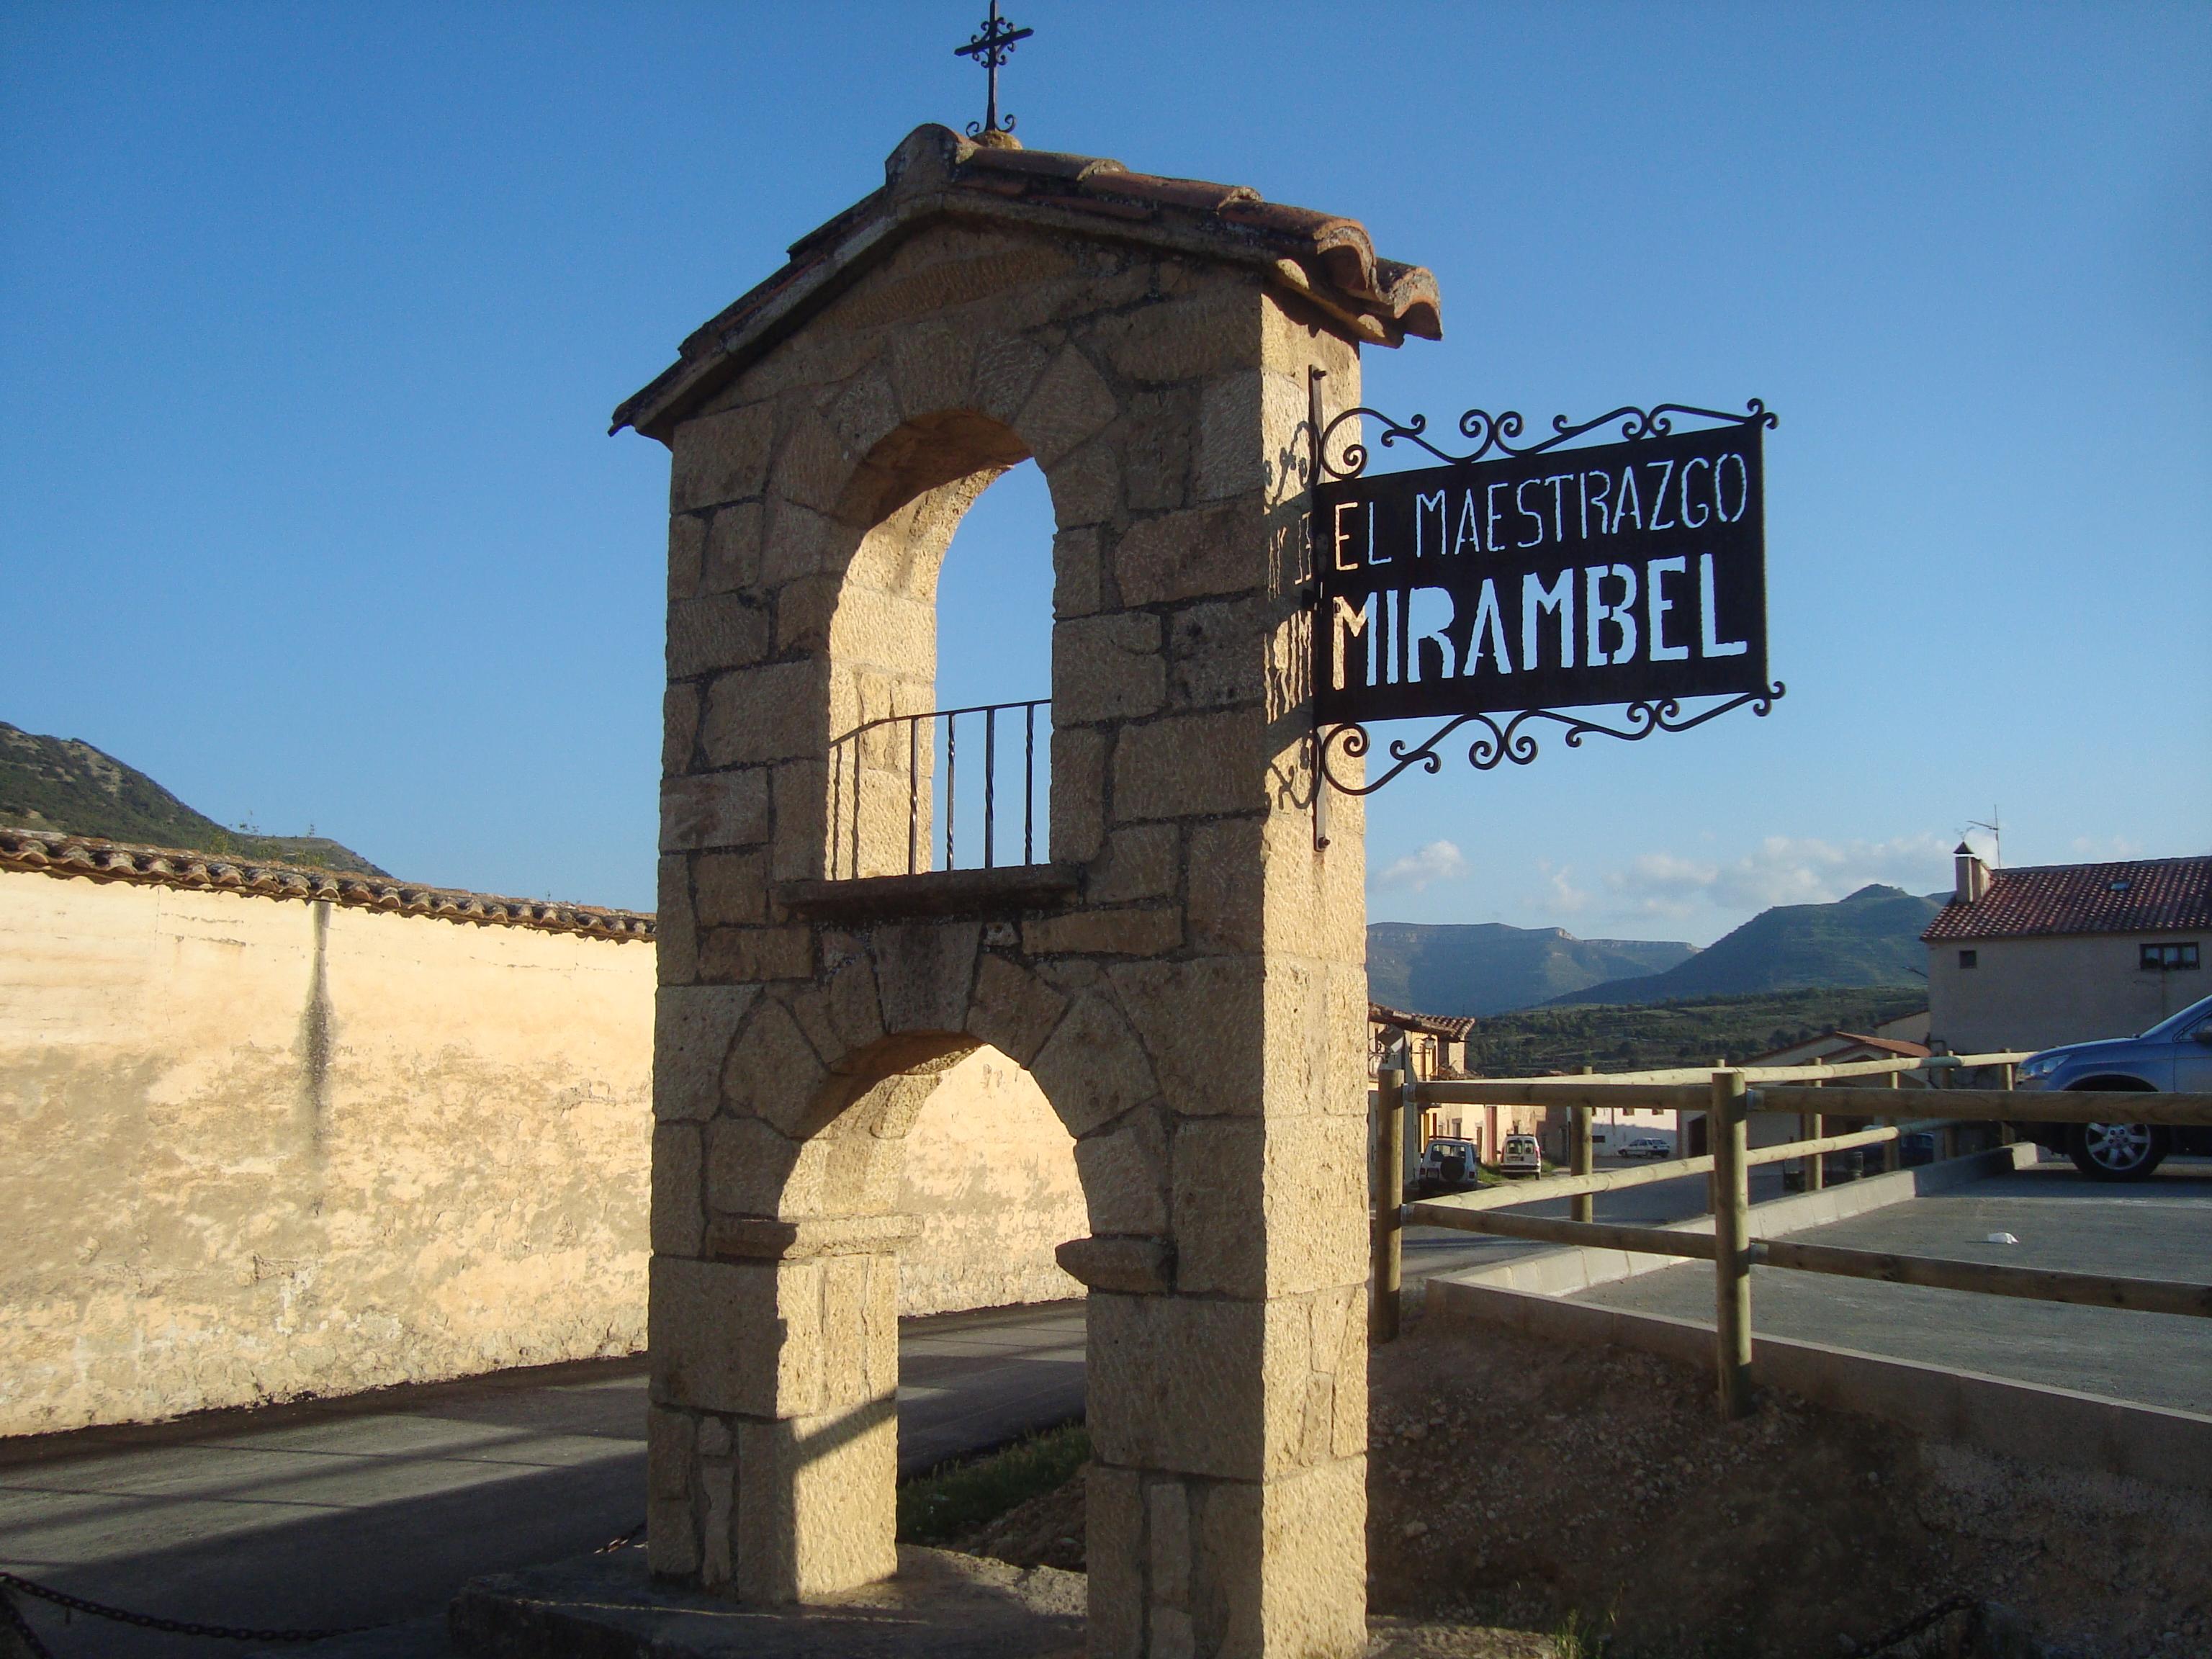 Resultado de imagen de Teruel mirambel